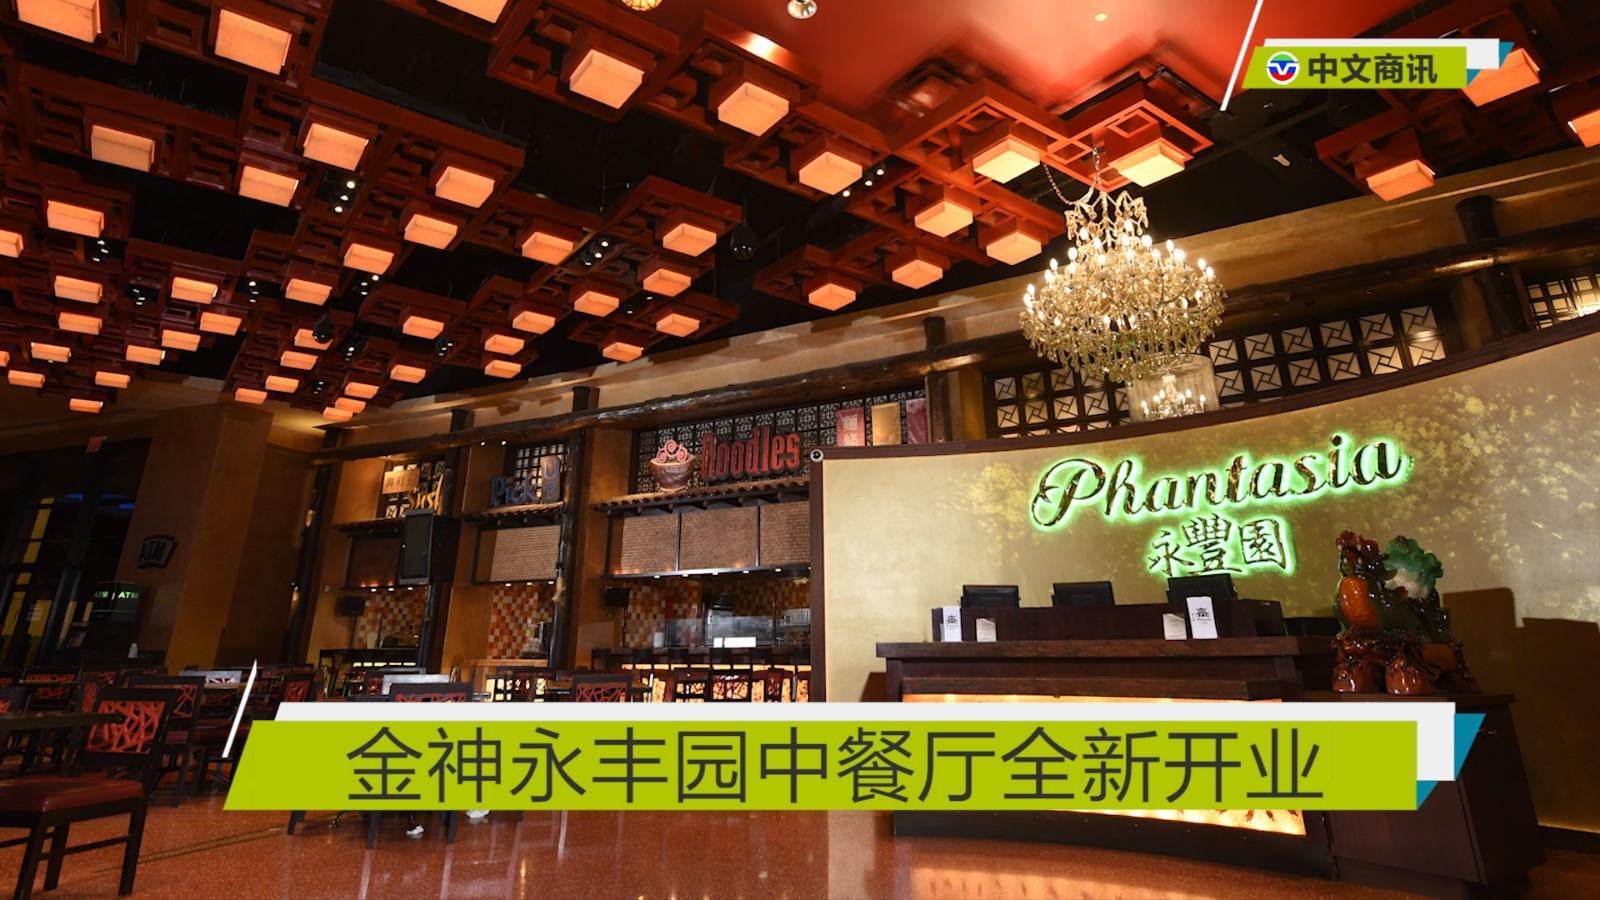 【视频】金神永丰园中餐厅全新开业